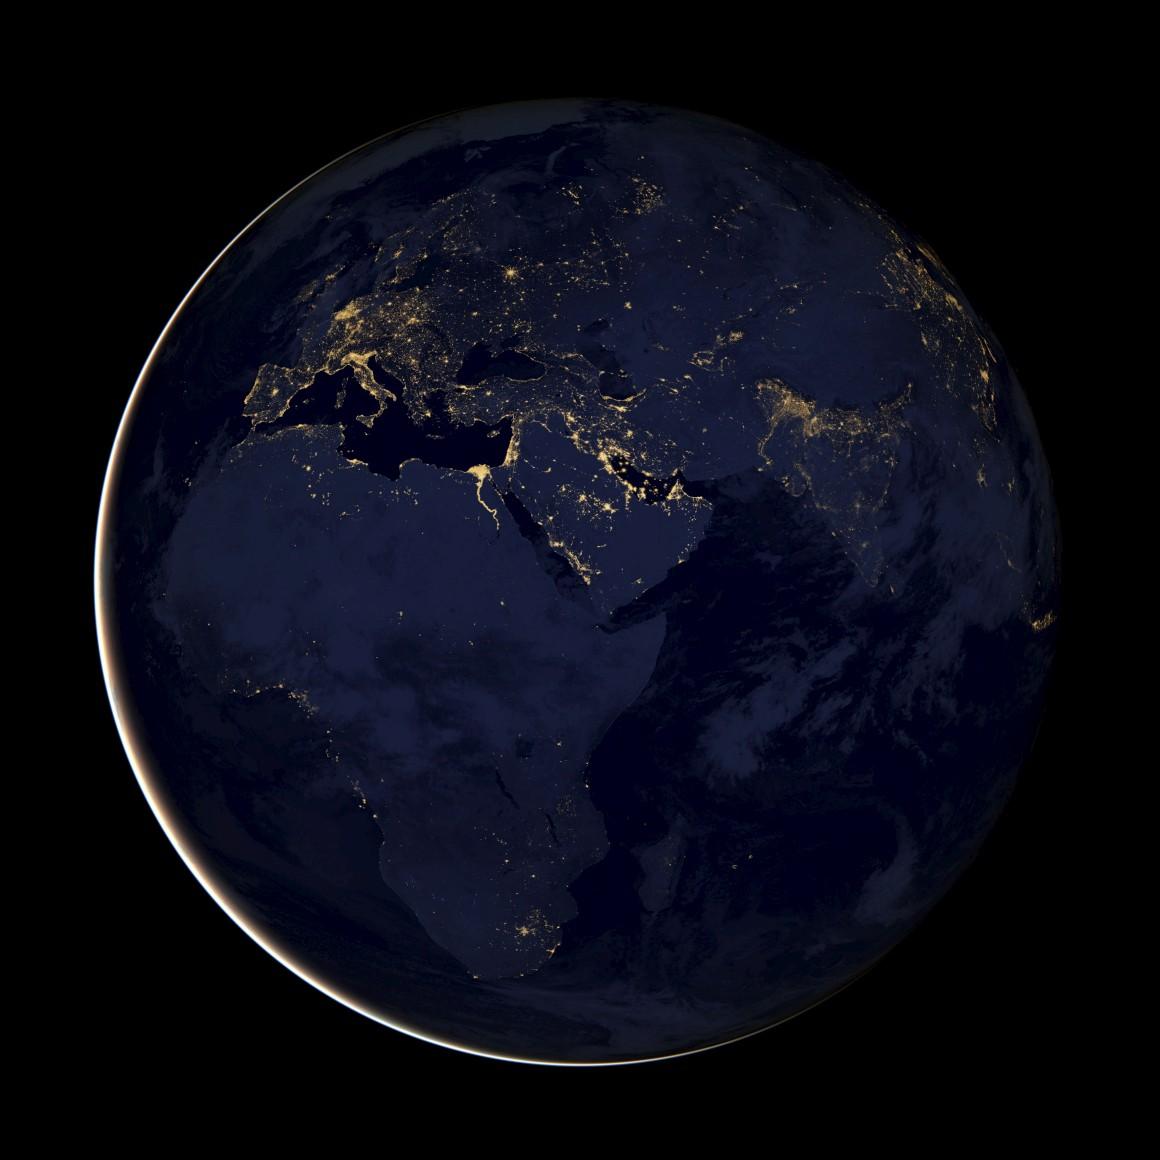 A Terra à noite, um conjunto de imagens tiradas por um satélite dos Estados Unidos